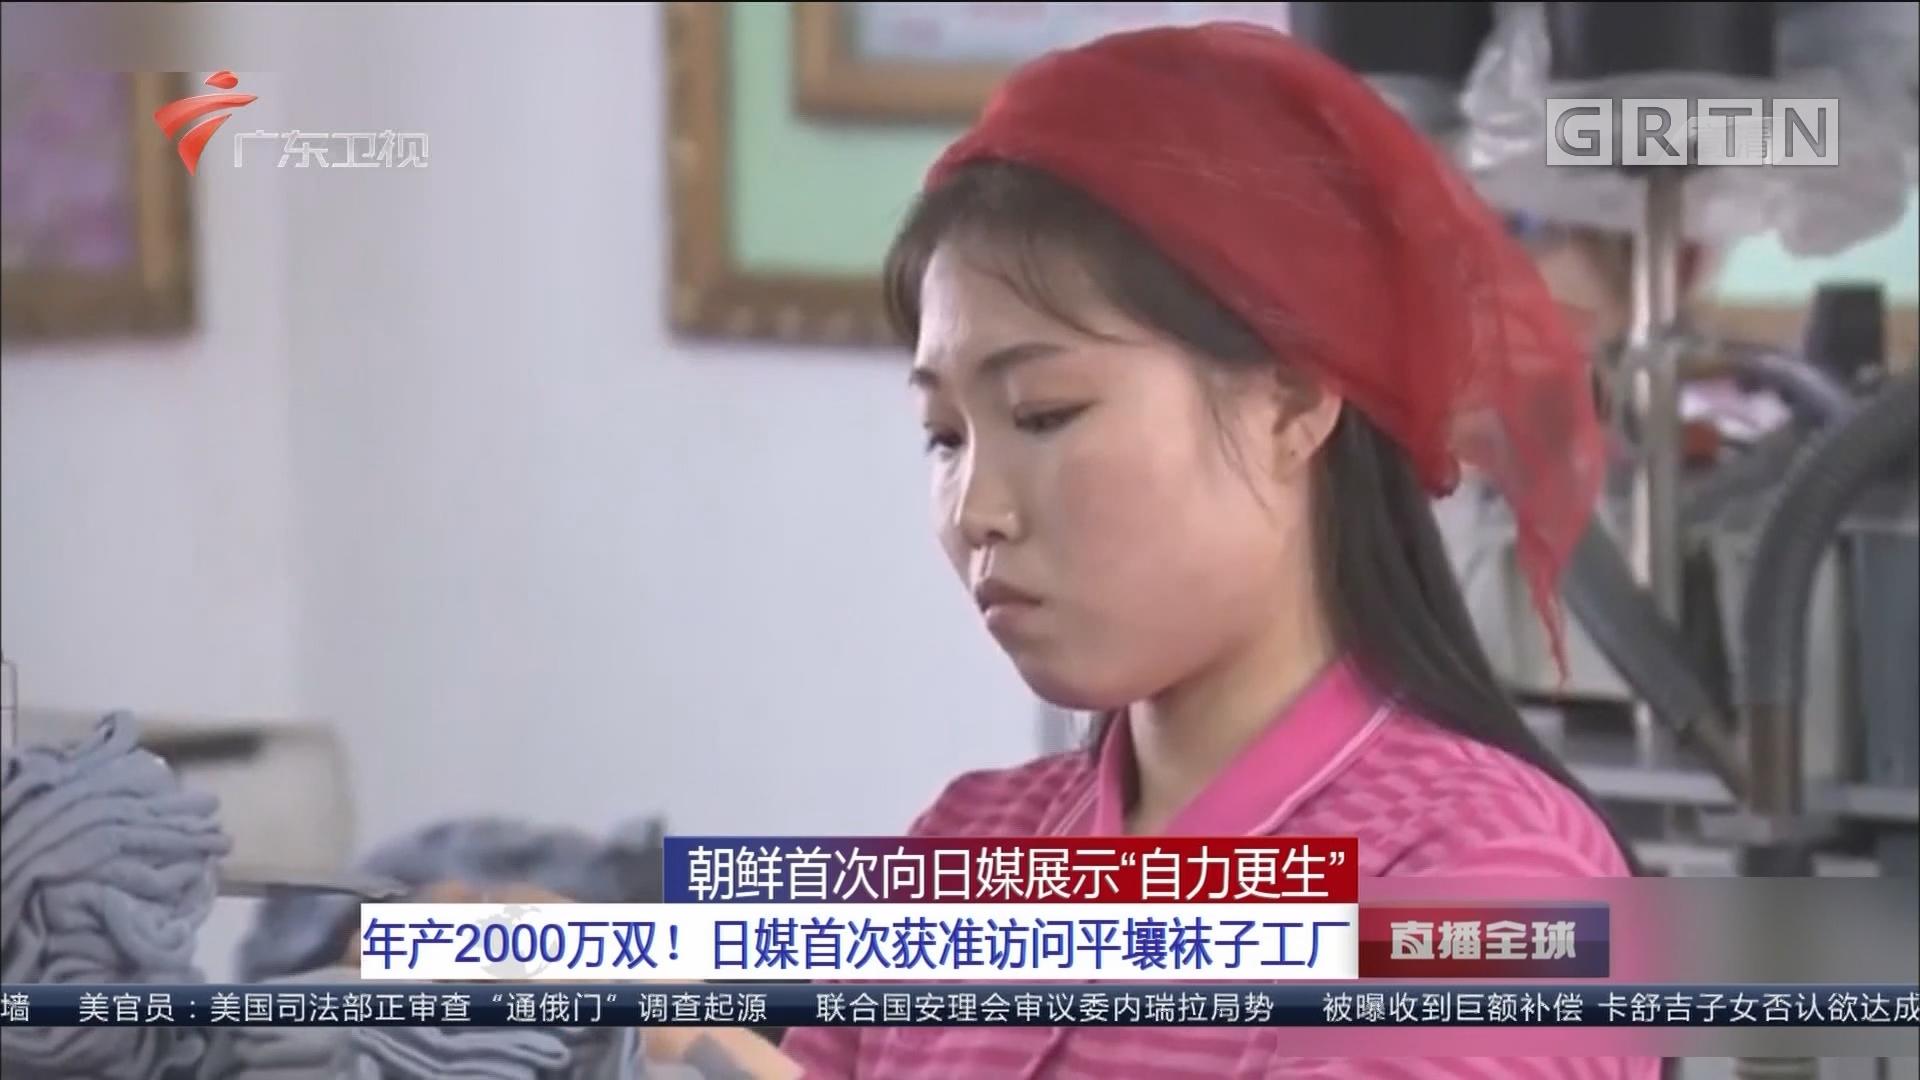 """朝鲜首次向日媒展示""""自力更生"""" 年产2000万双!日媒首次获准访问平壤袜子工厂"""